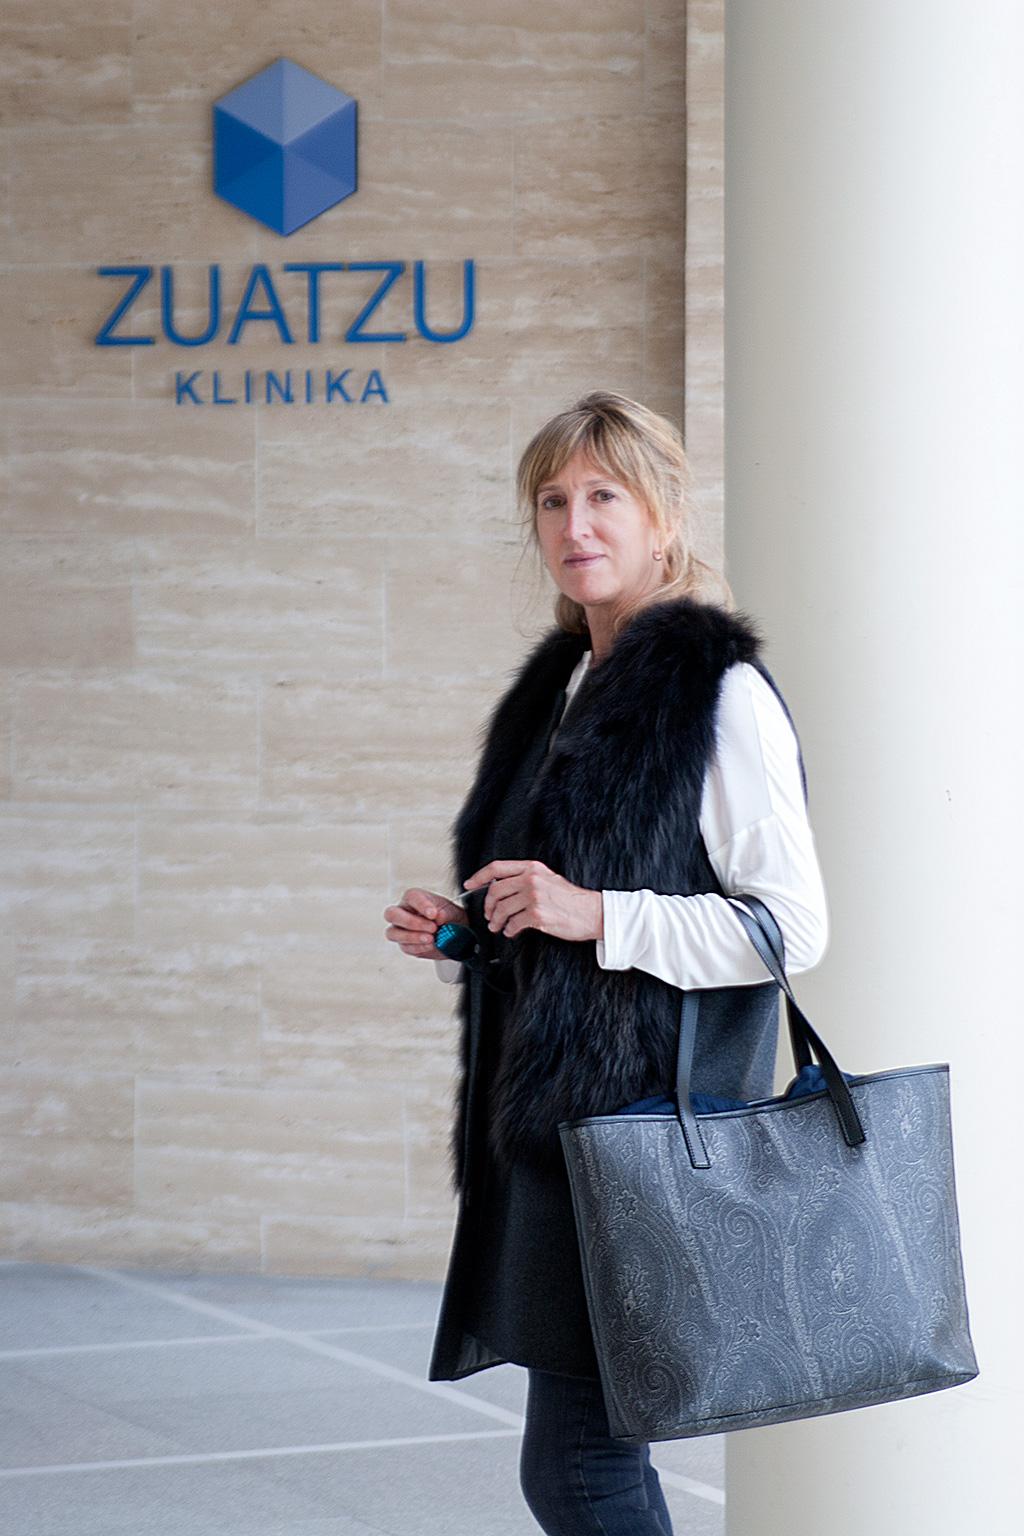 Maite Balda posando en la Clinica Zuatzu.